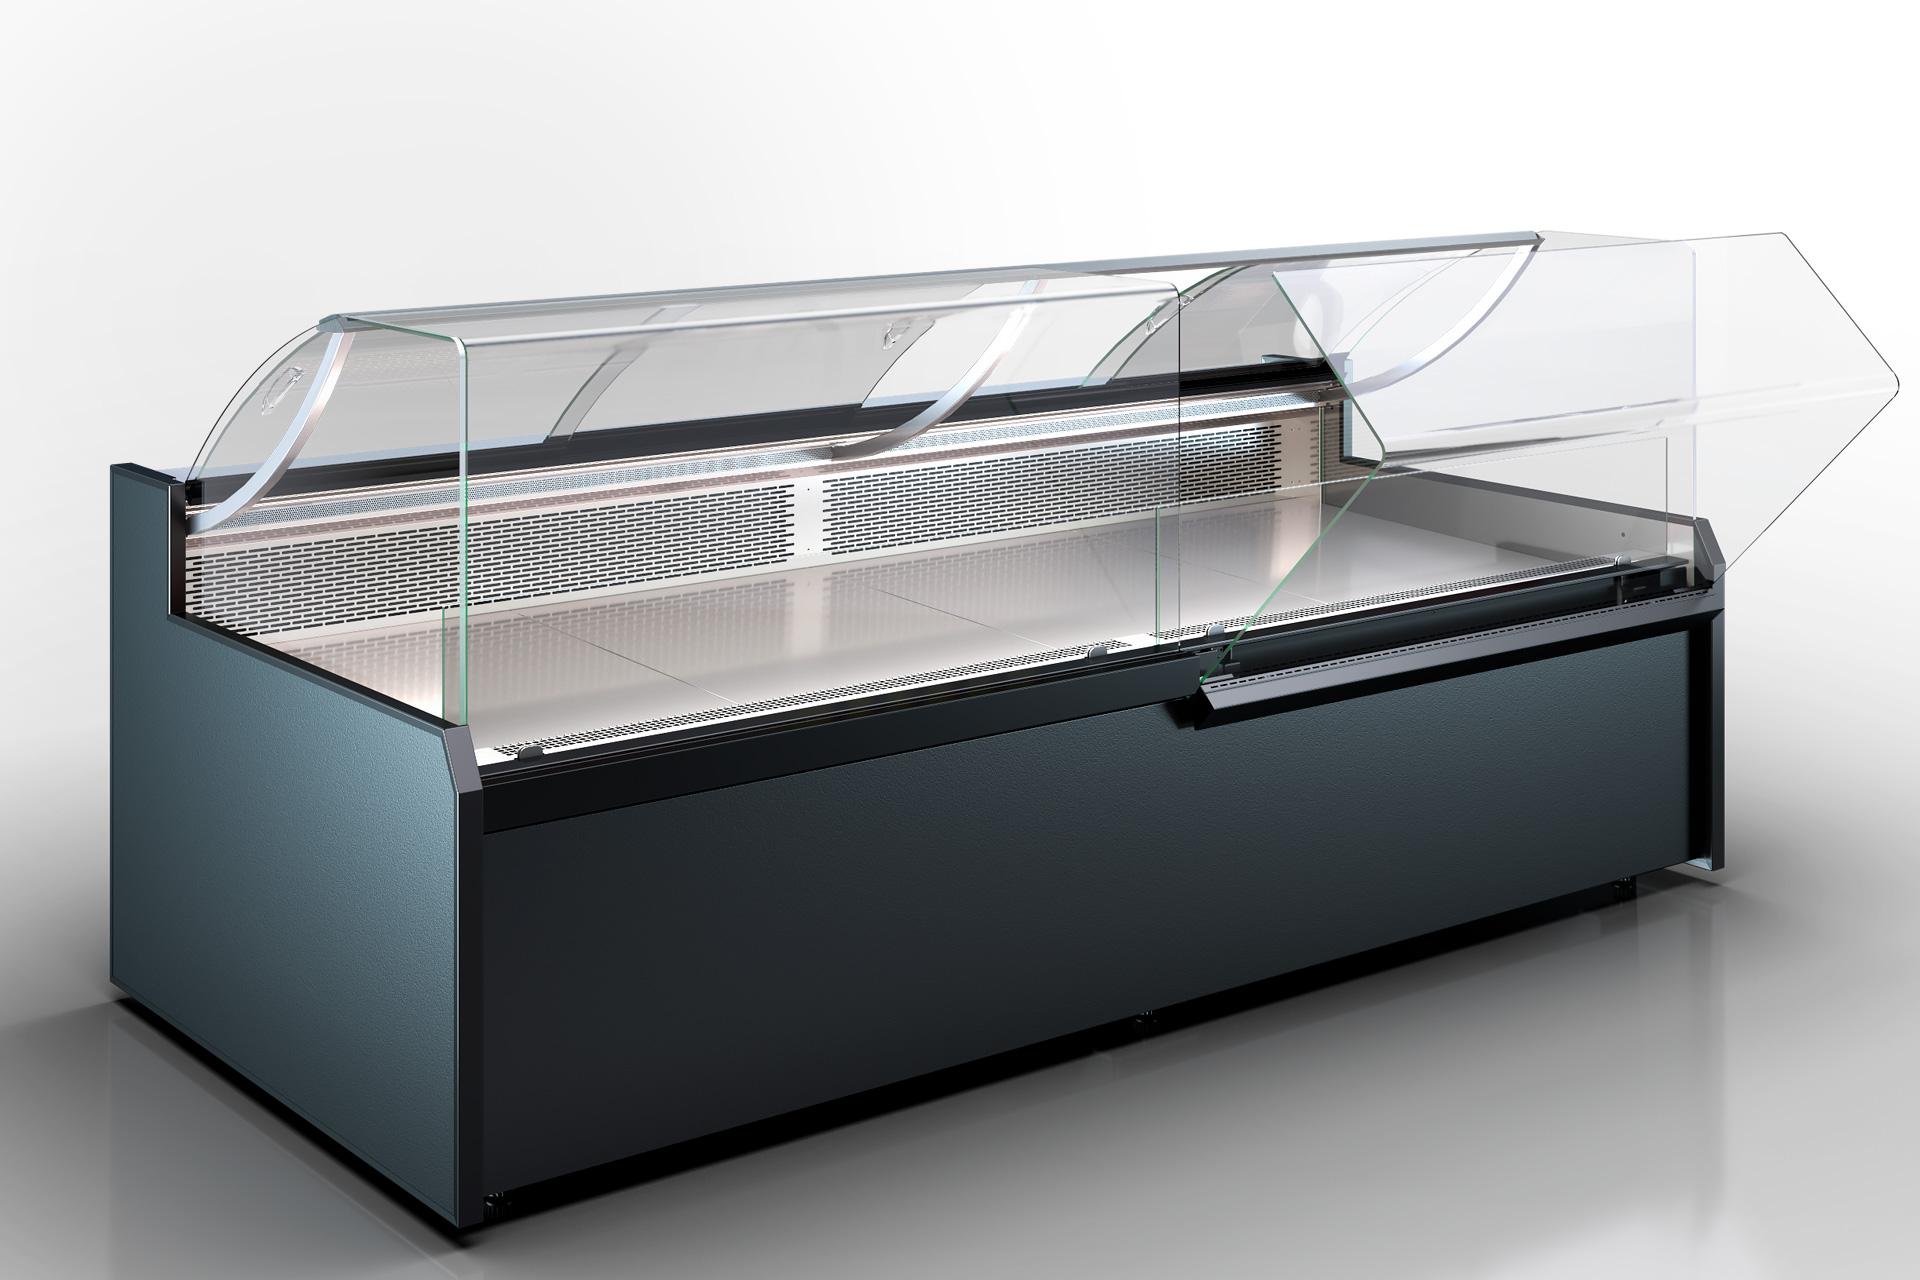 Холодильна вітрина Missouri MC 120 deli OS 120-DBM (option)